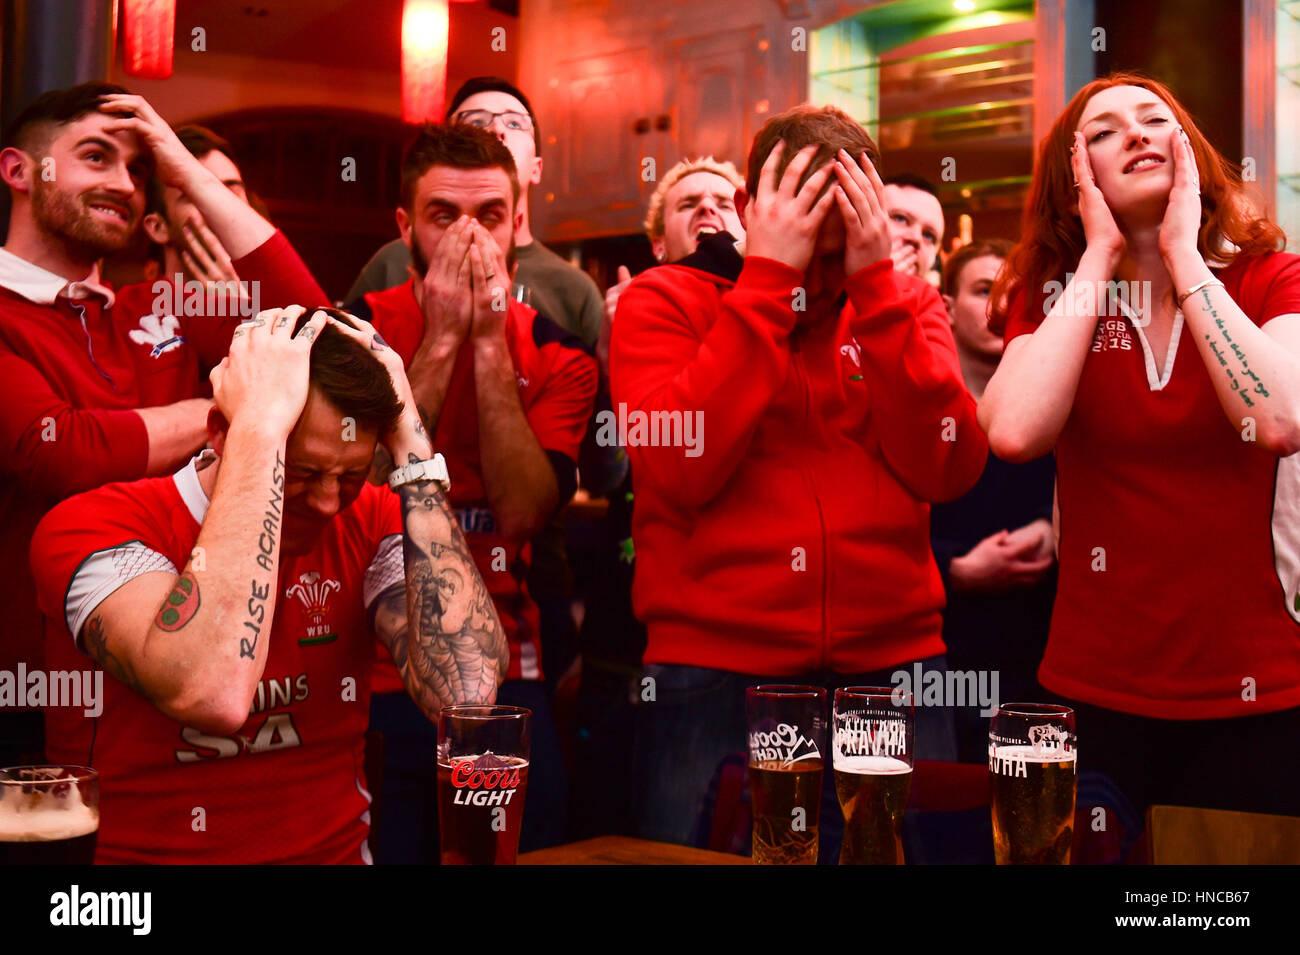 Reino Unido Deporte: Rugby fans desolada viendo Gales jugando contra Inglaterra en el Seis Naciones de rugby internacional Imagen De Stock